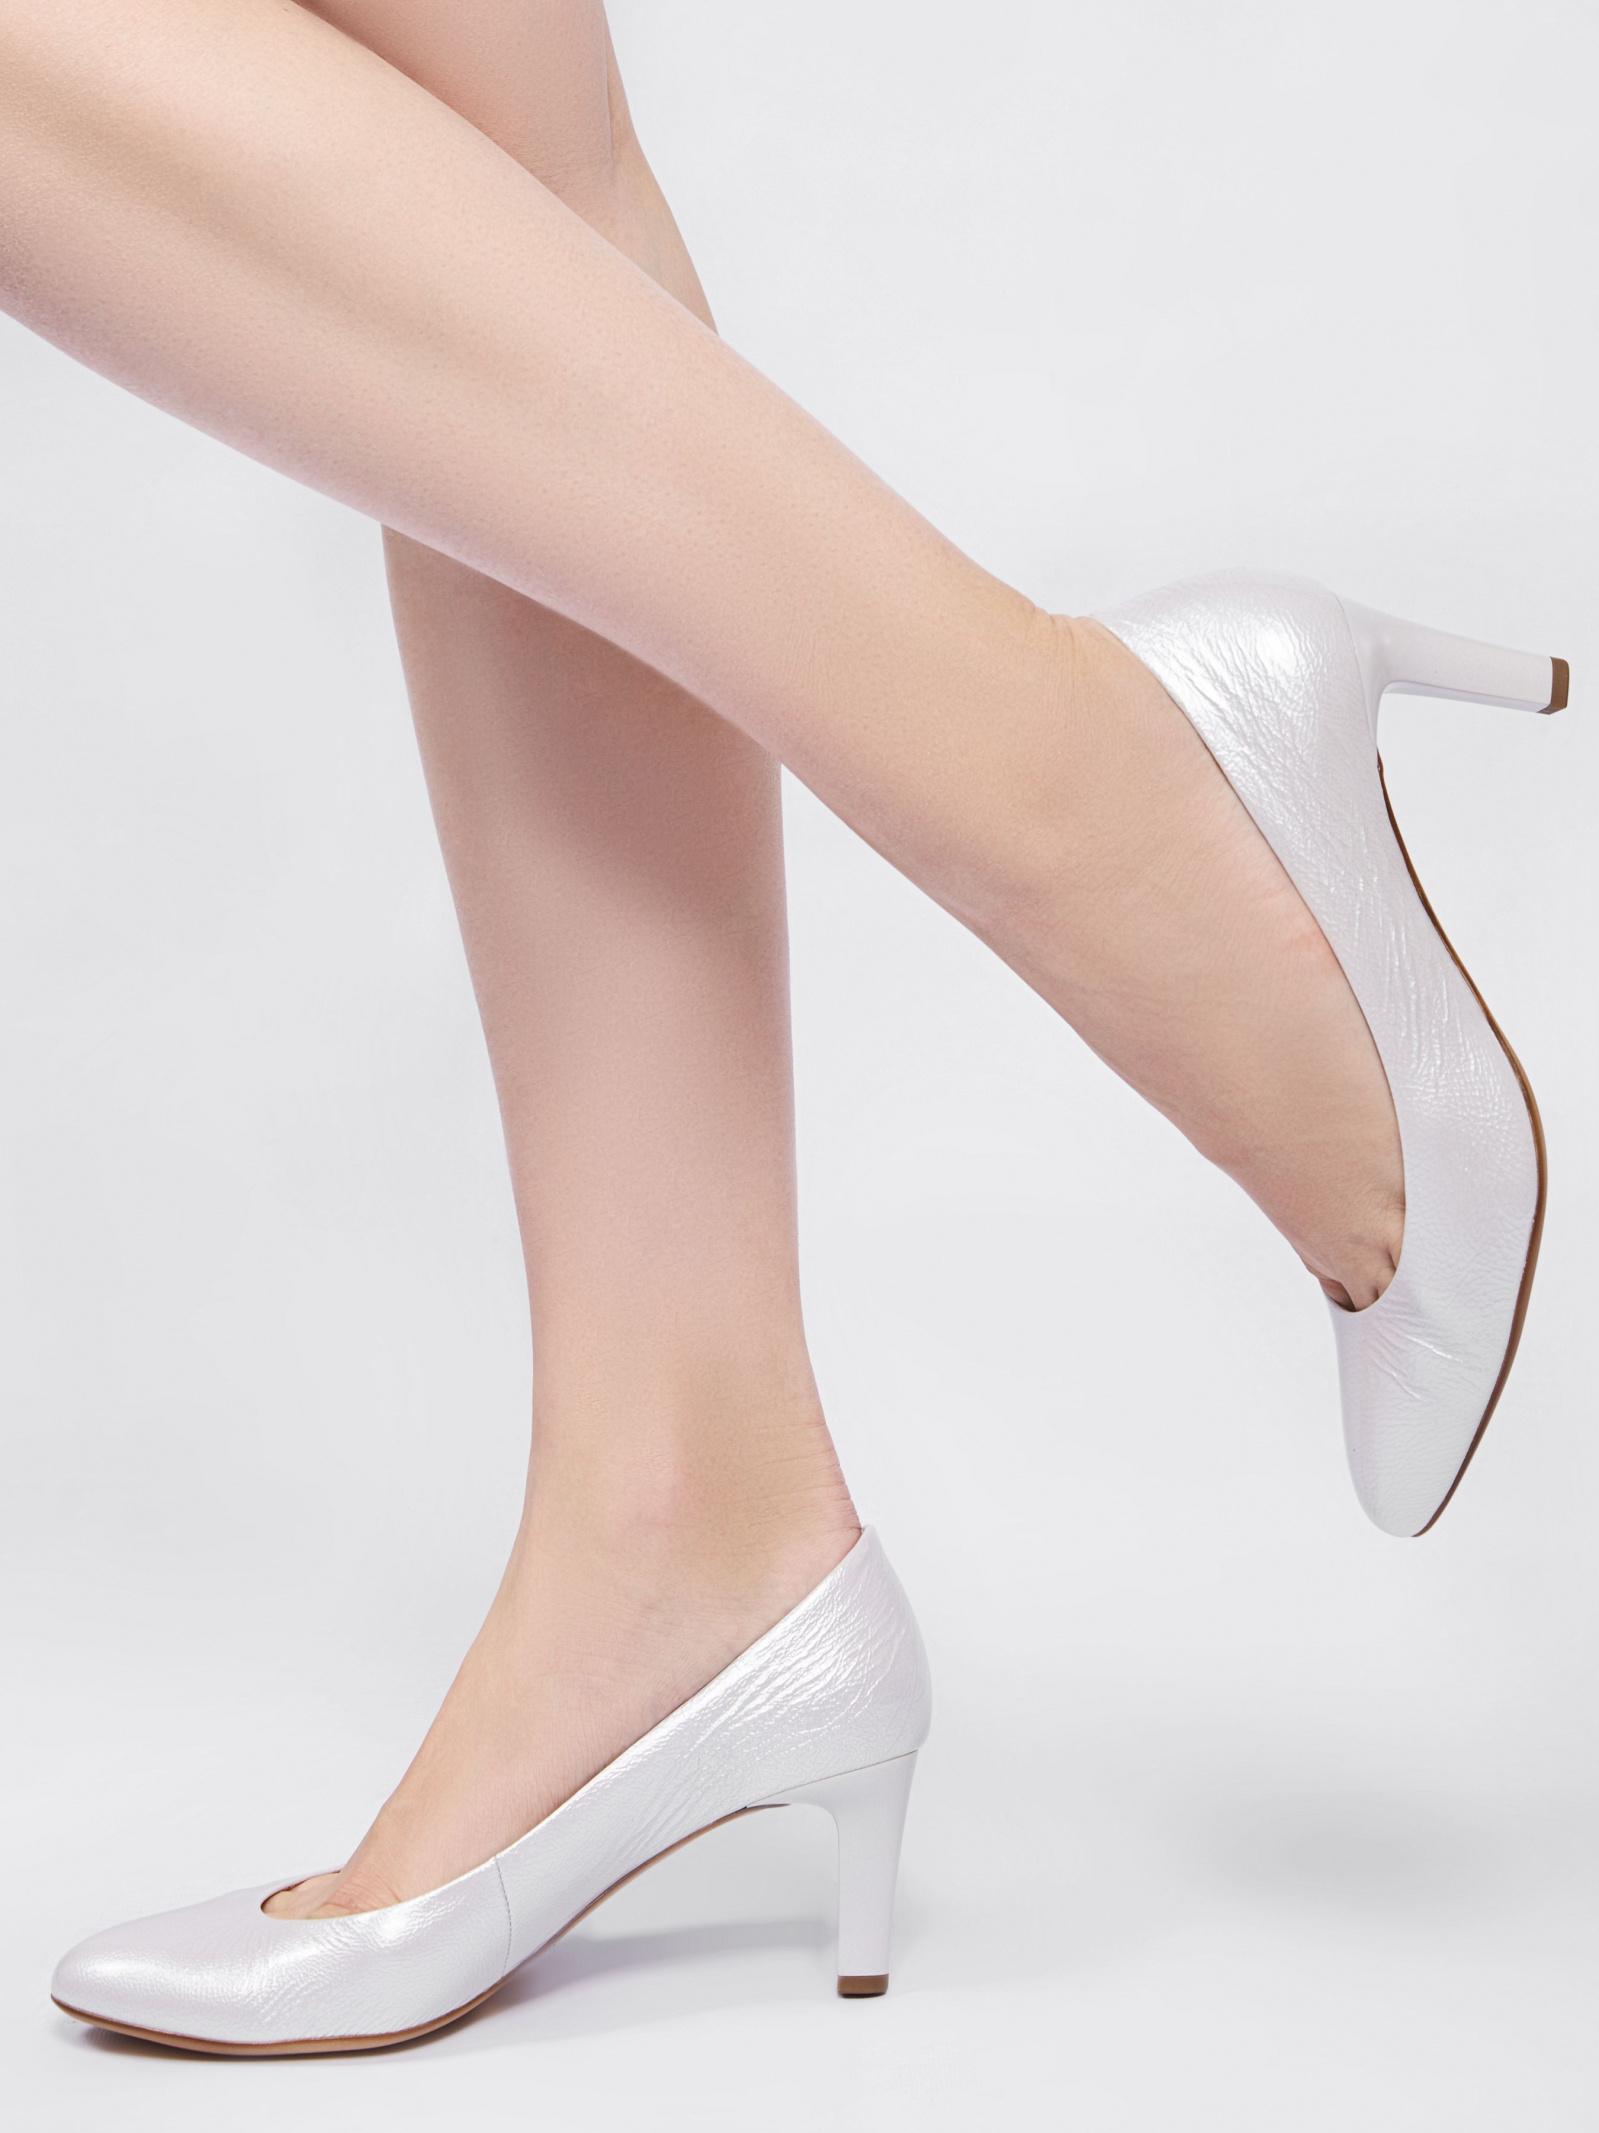 Туфлі  для жінок Hogl STARLIGHT 9-106005-6700 продаж, 2017